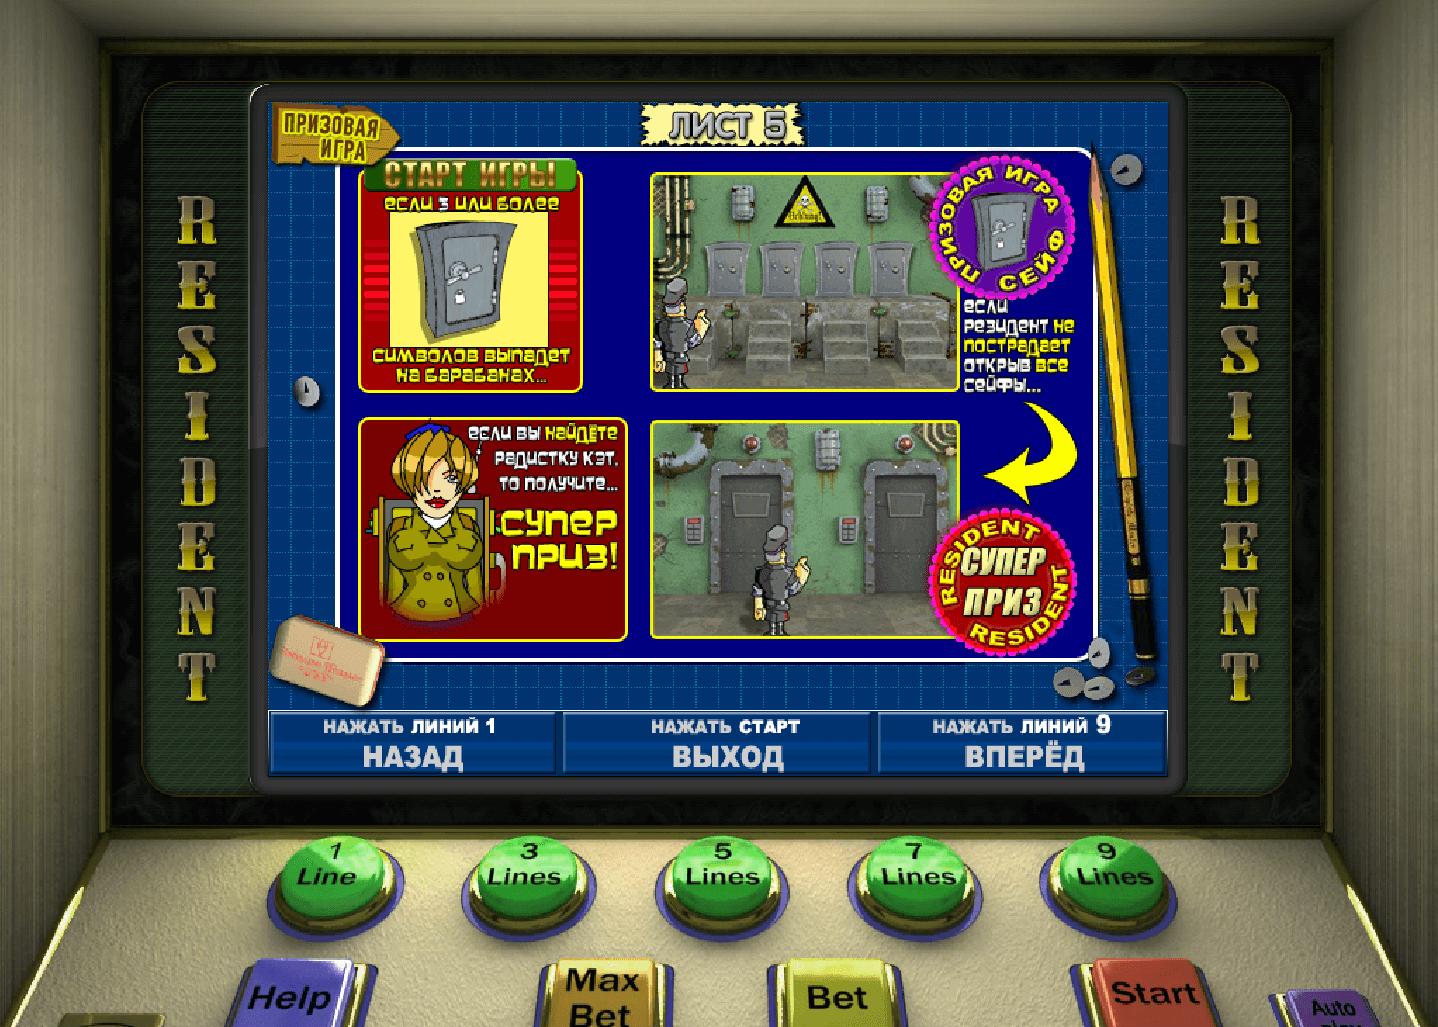 Флеш игры i игровые автоматы играть игровые автоматы в филионе